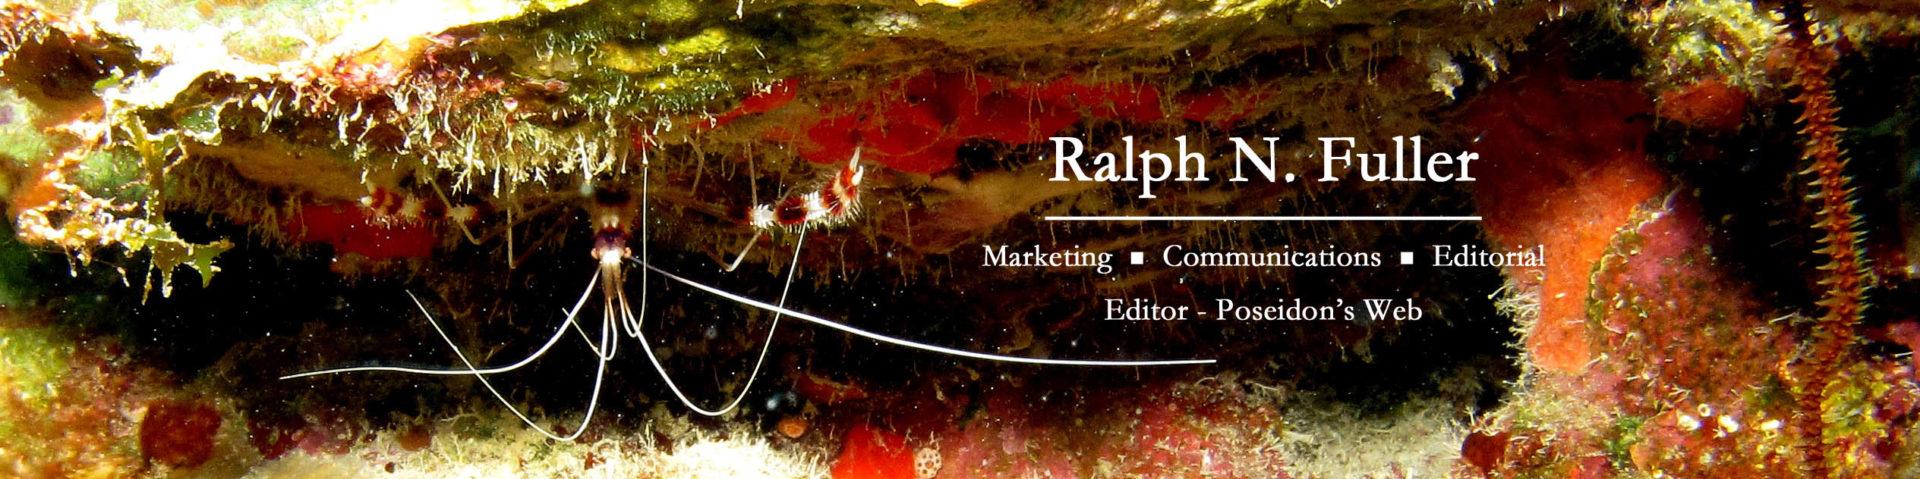 ralphfuller.com